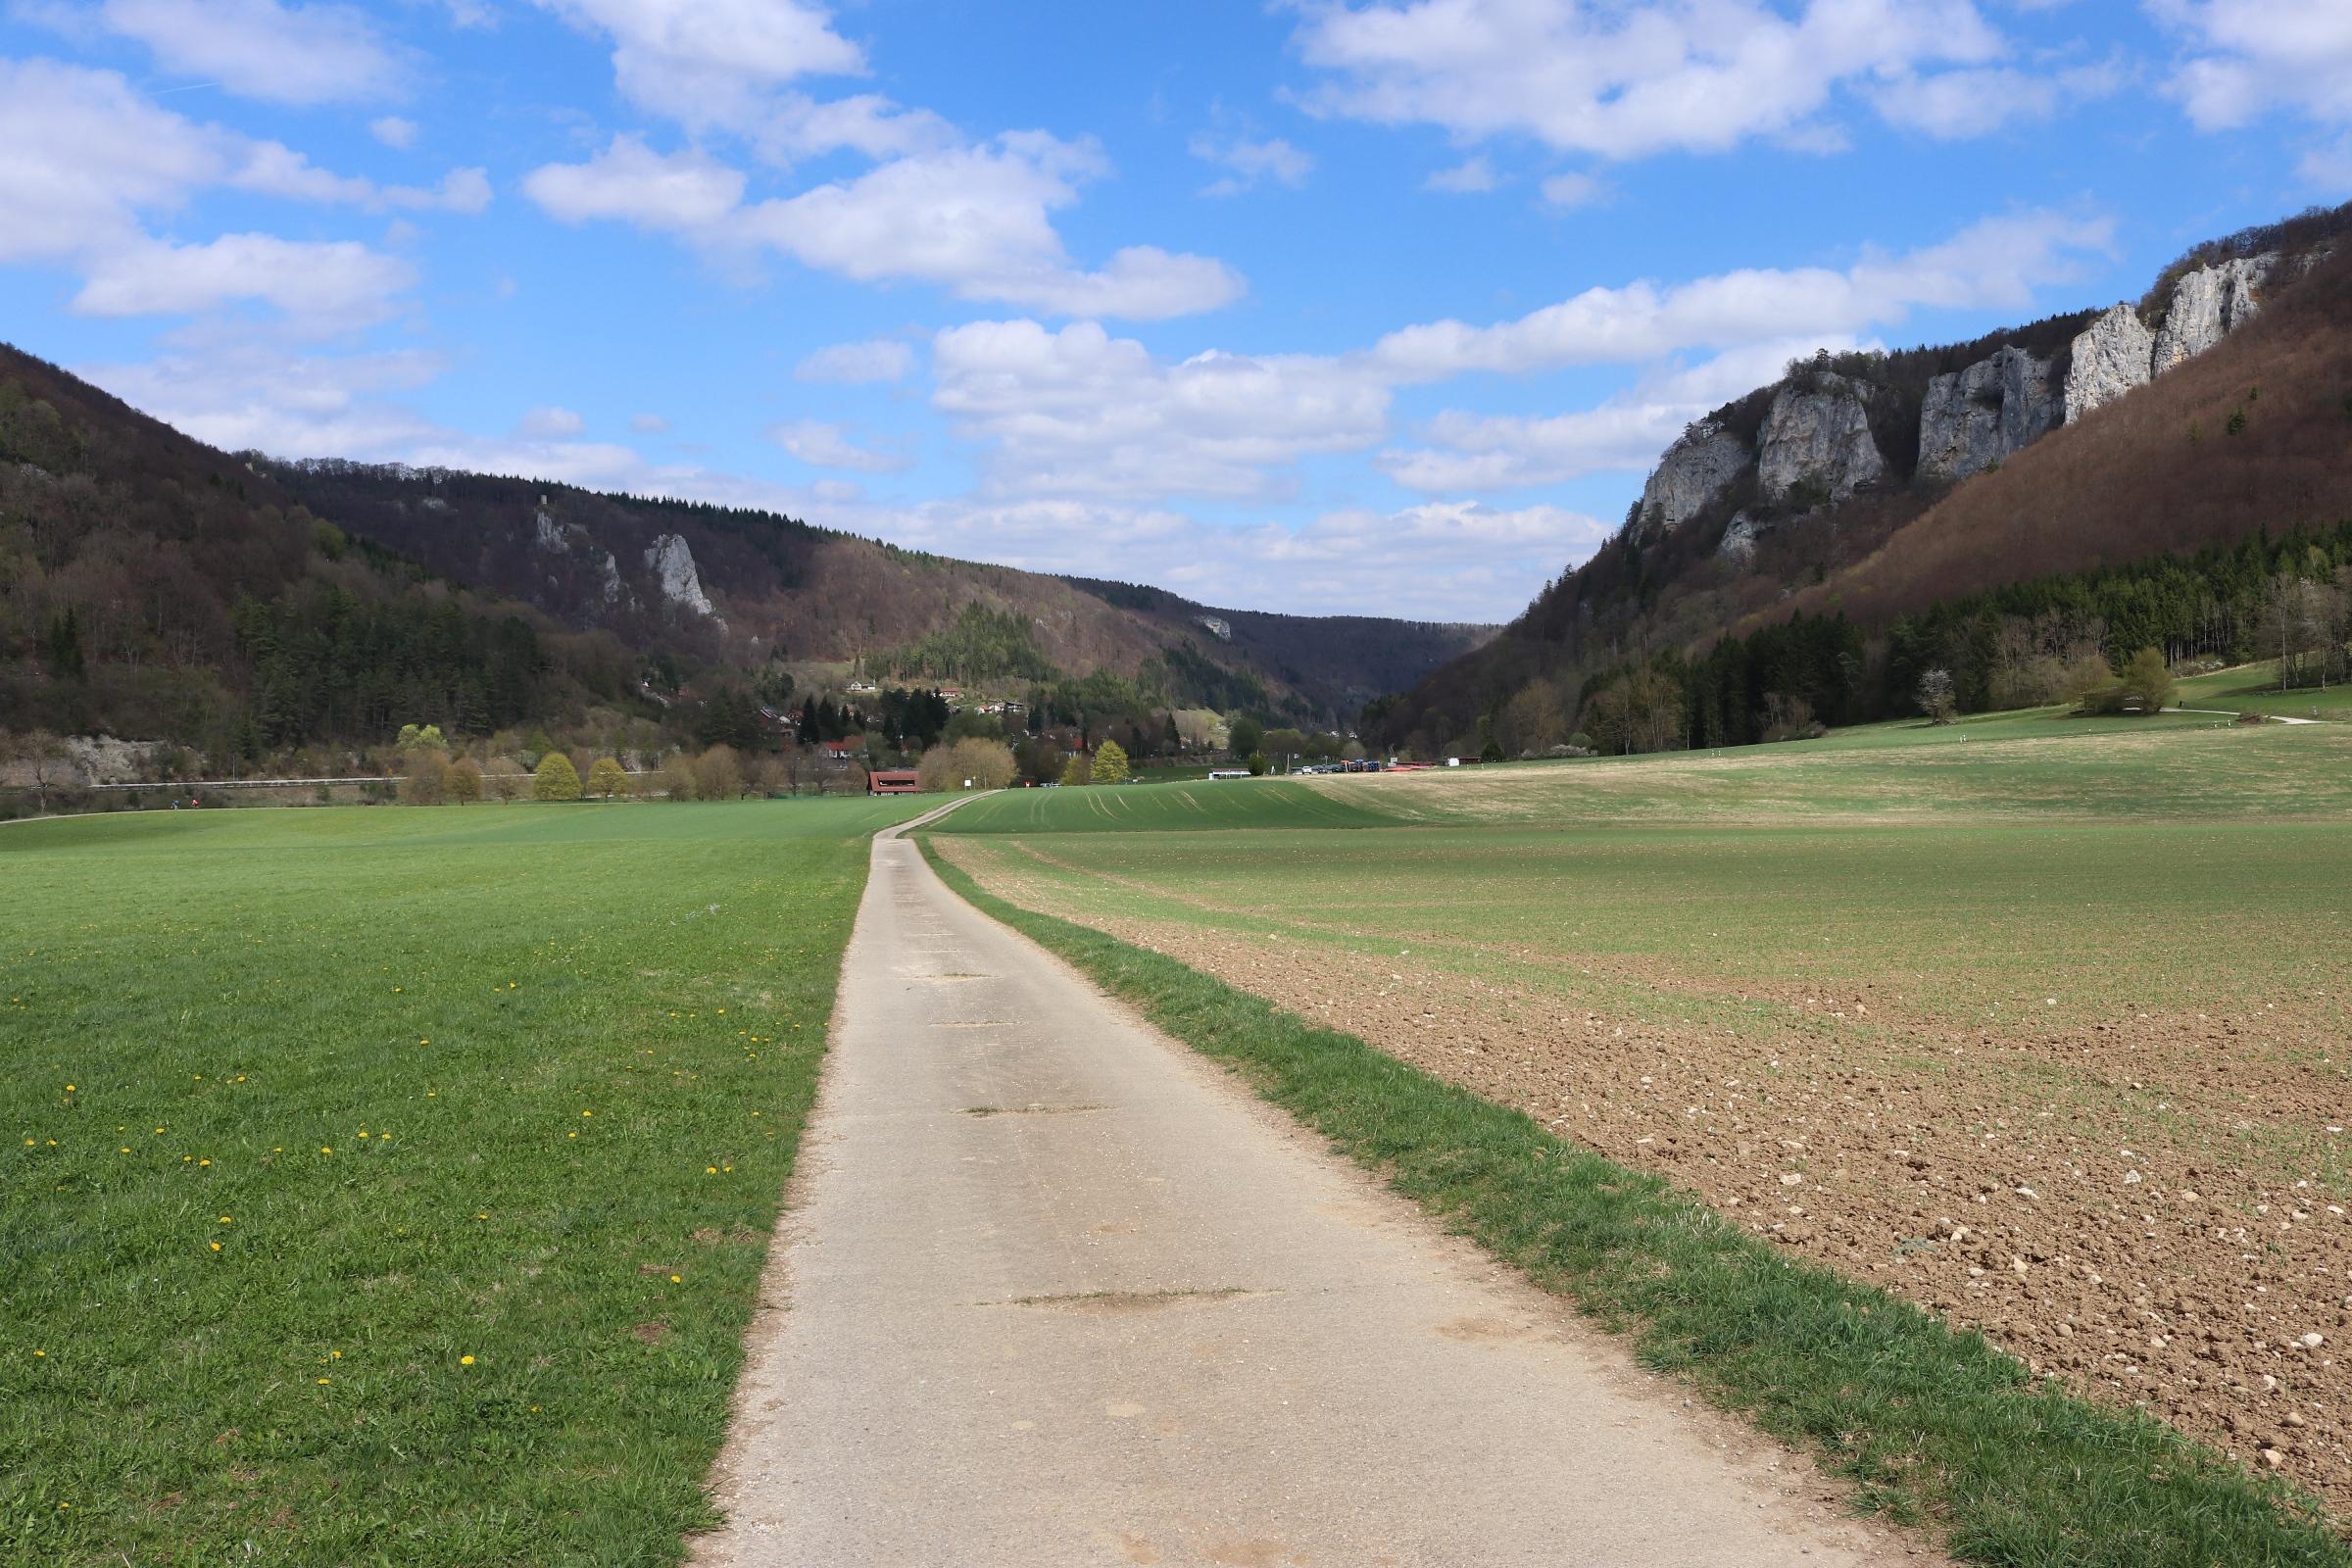 Wanderwege auf der Schwäbischen Alb